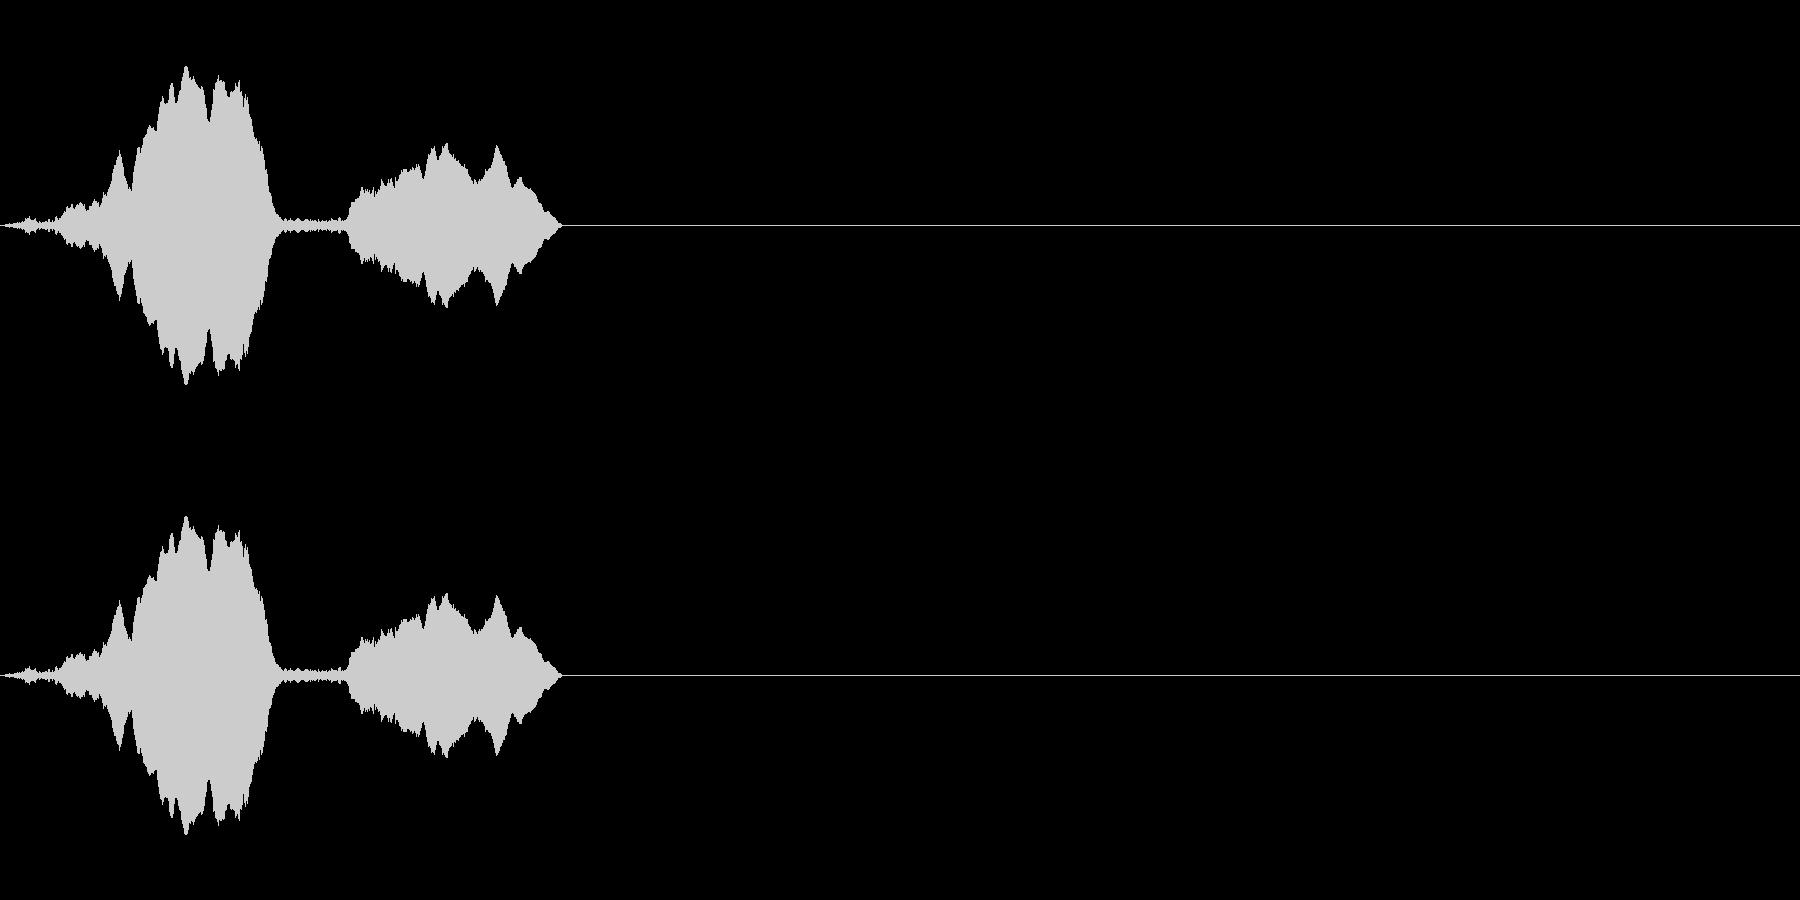 トーンホイッスルエアリーダブルフォールwの未再生の波形